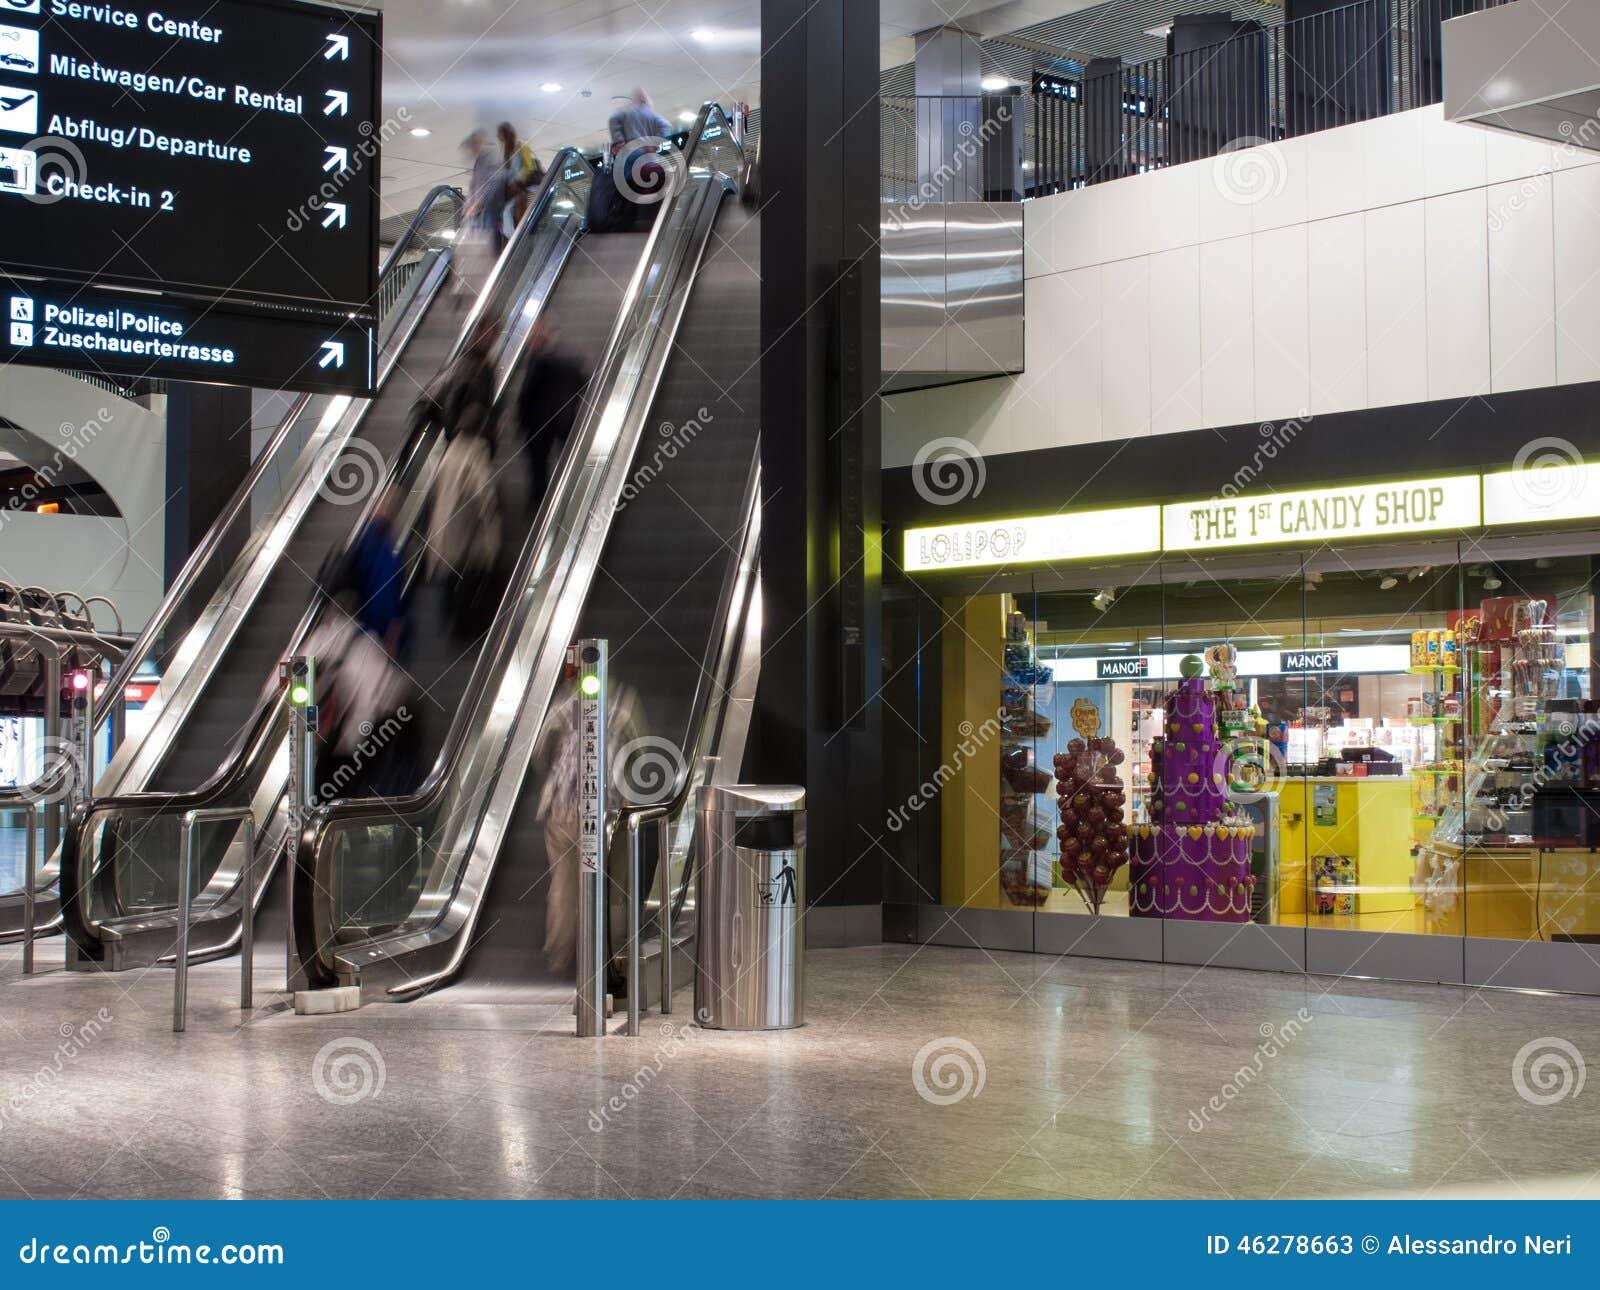 Aeroporto Zurigo Partenze : Scala mobile all aeroporto di zurigo fotografia stock editoriale